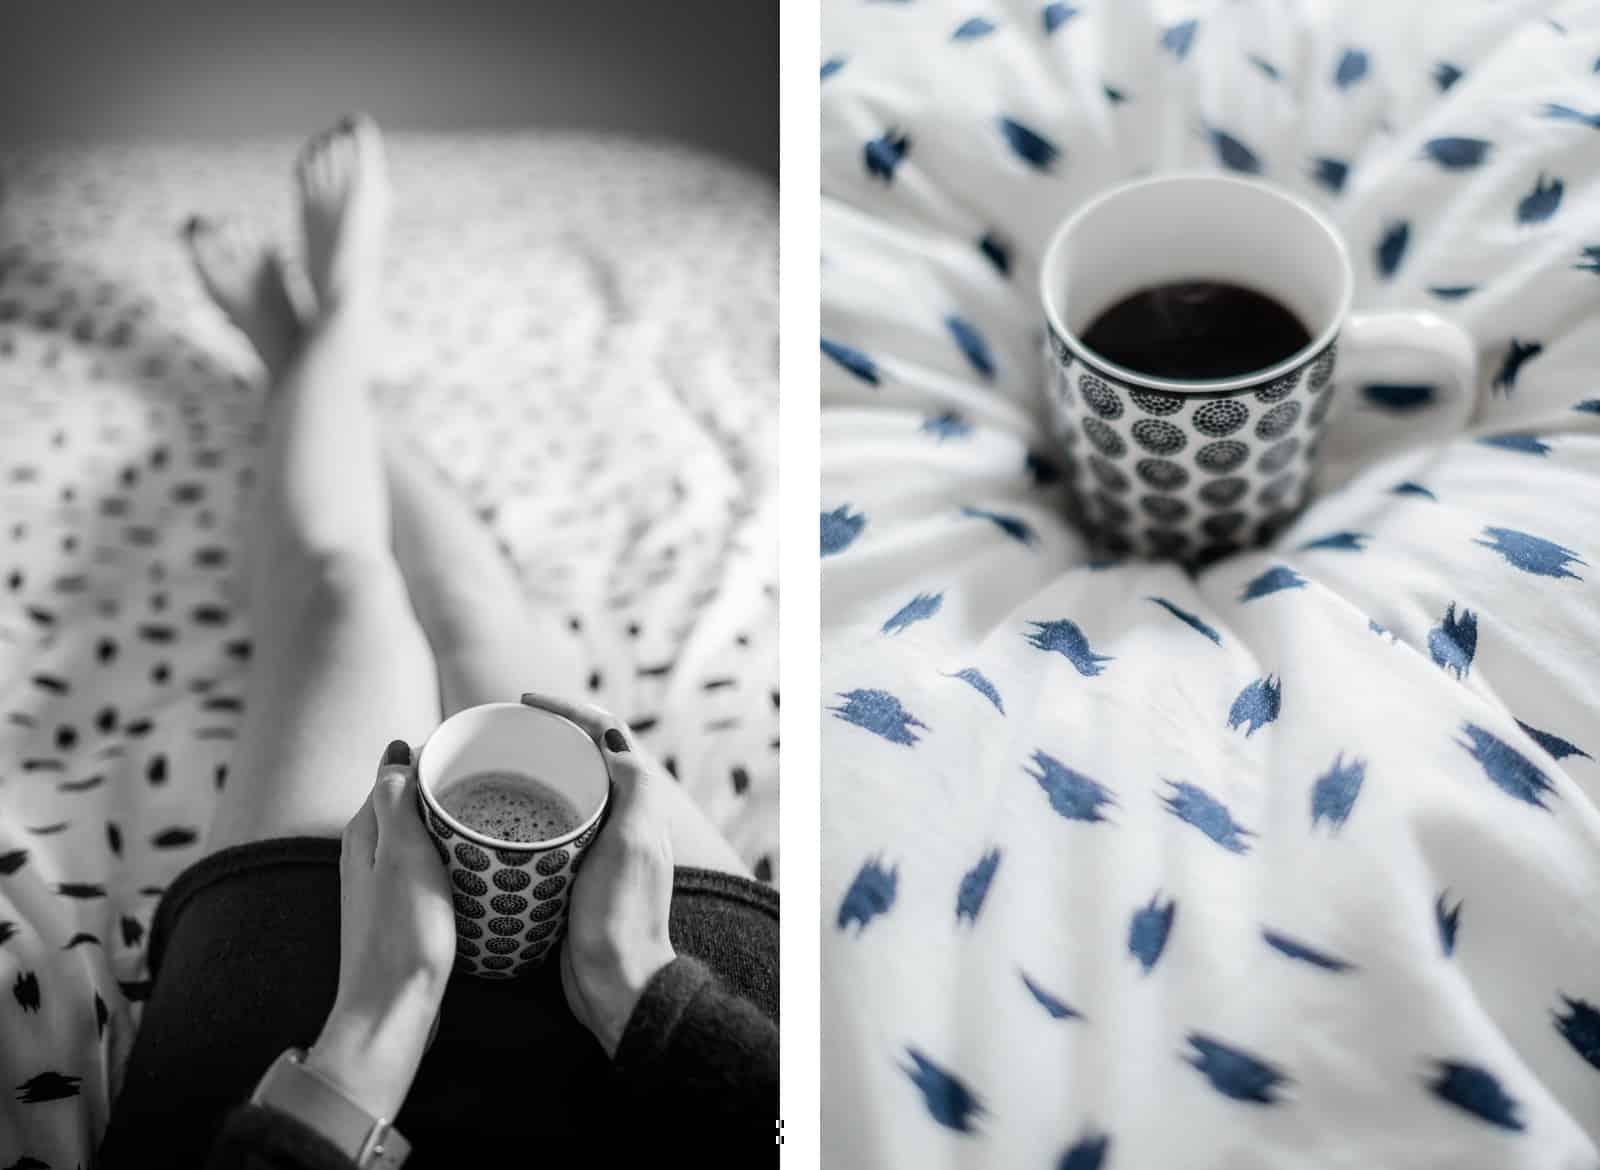 Tasse de café sur un lit